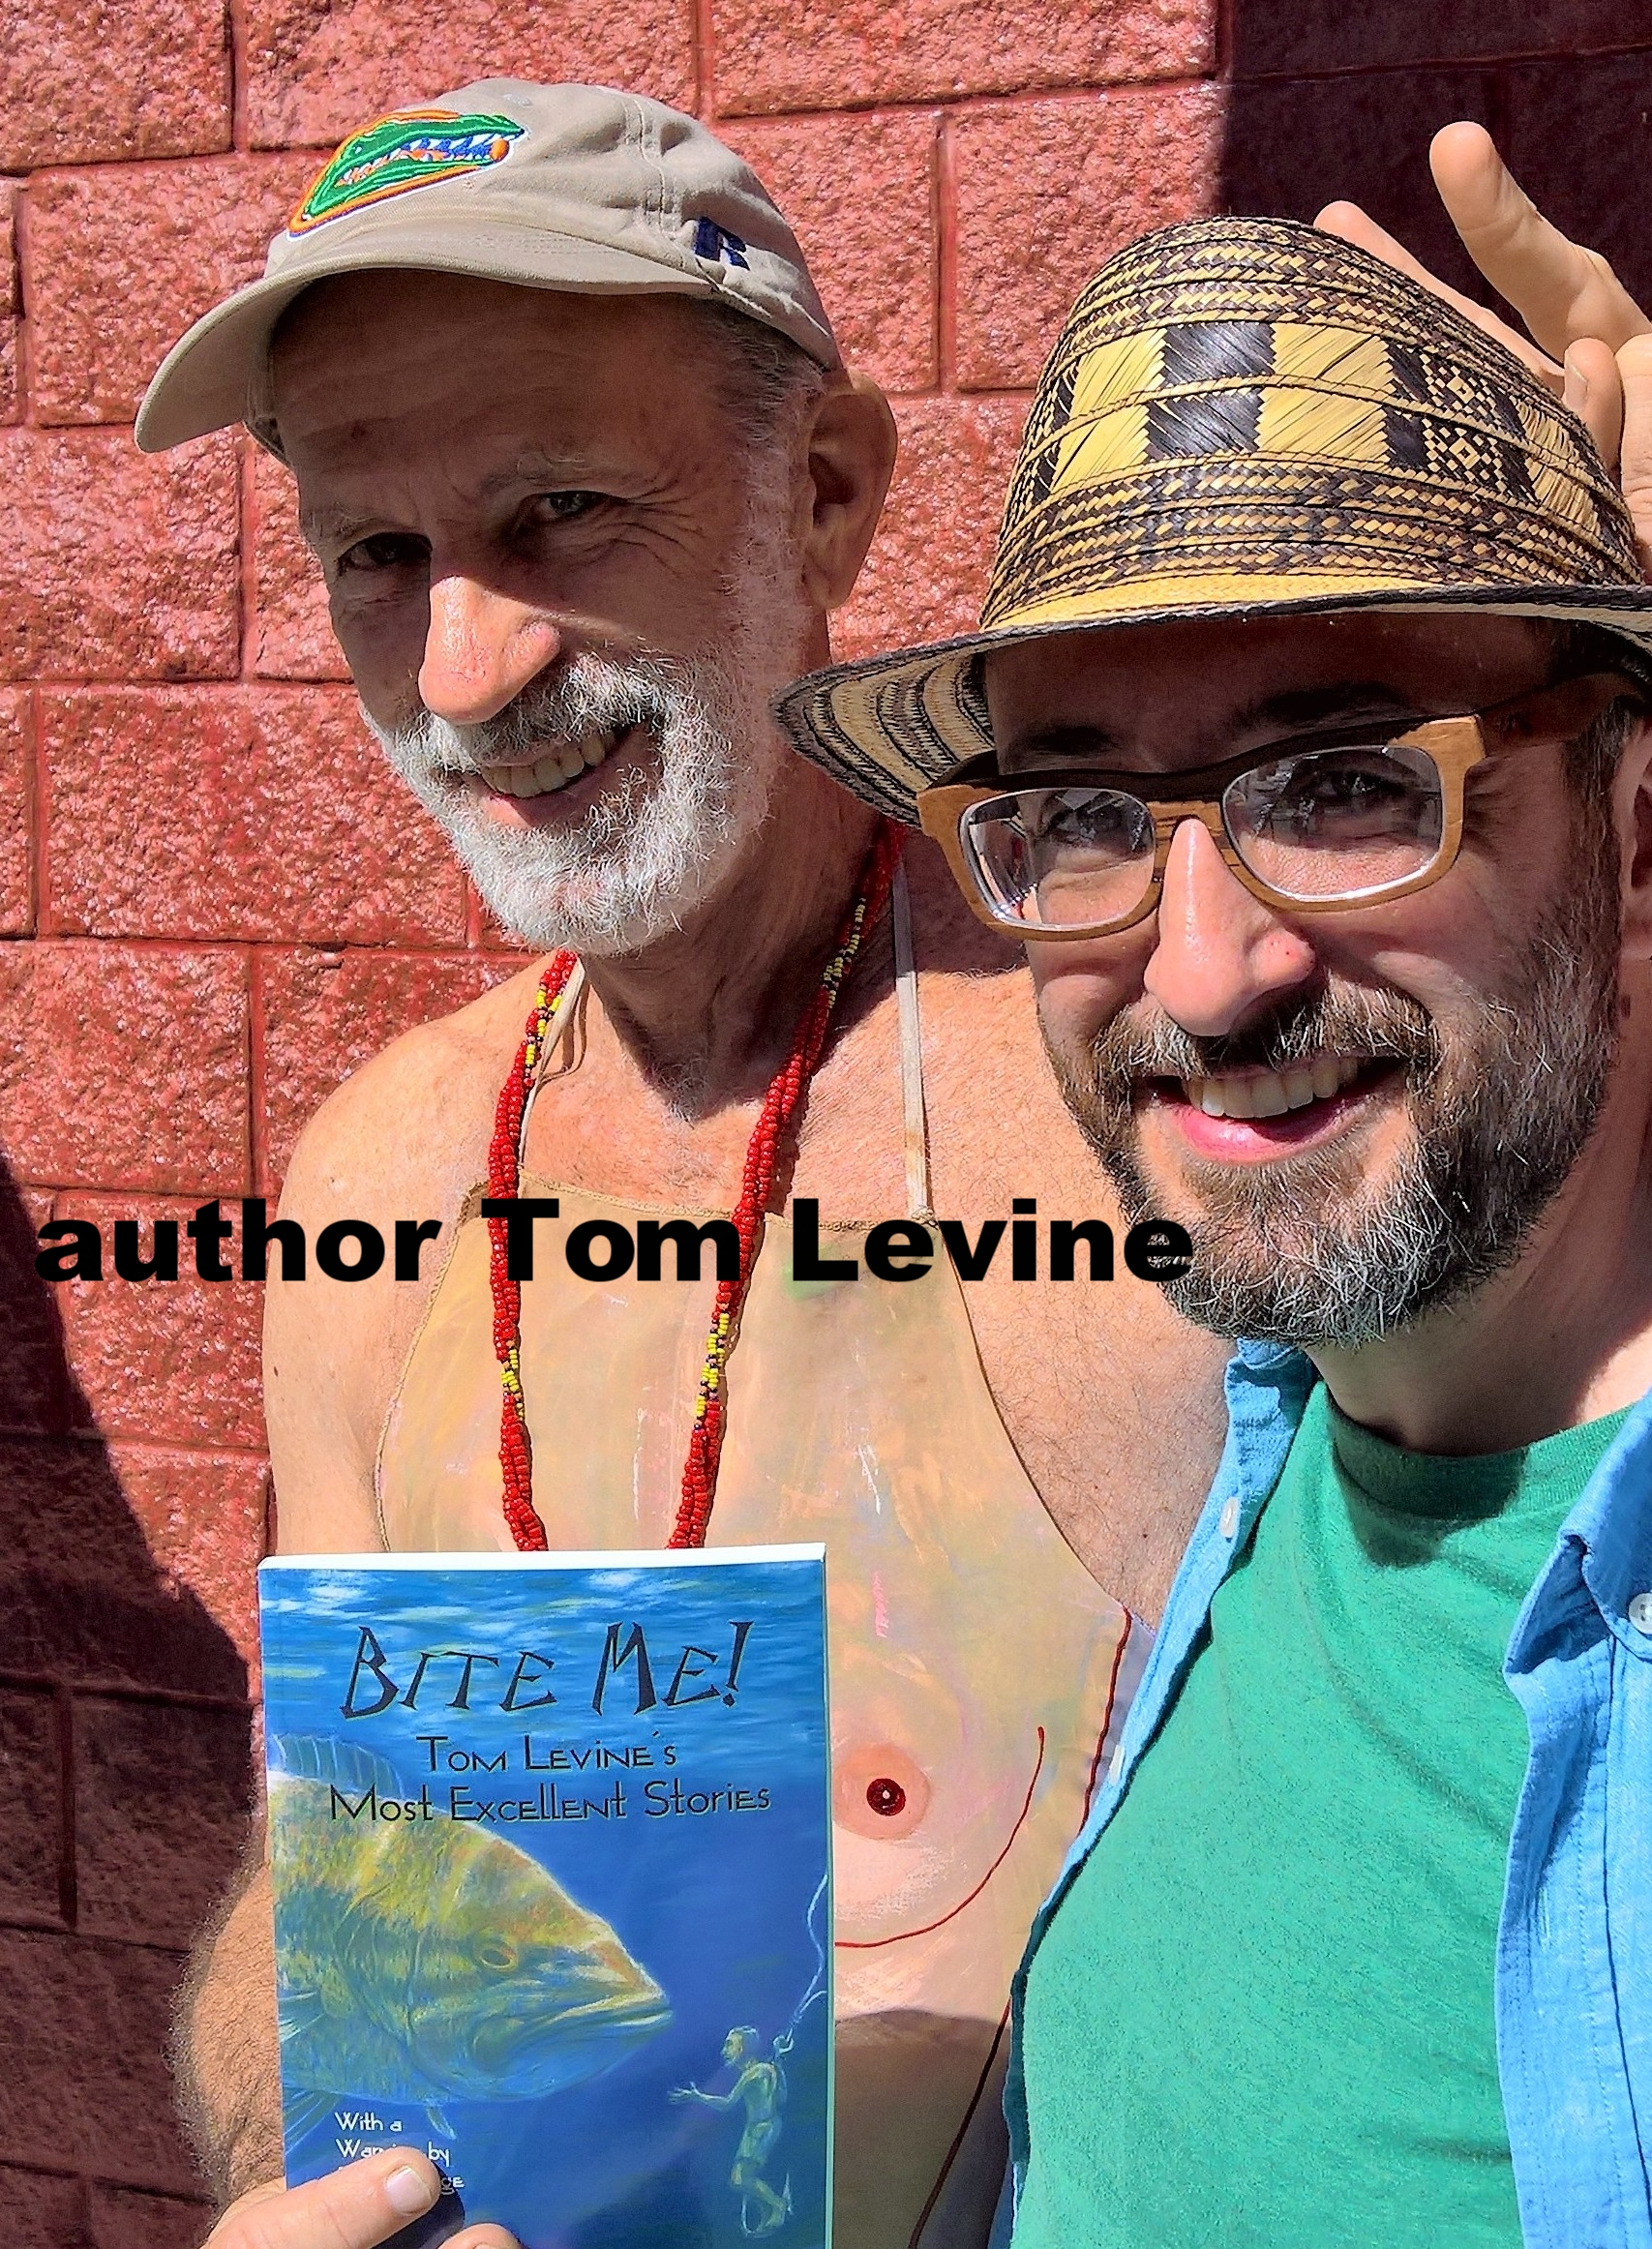 with author Tom Levine